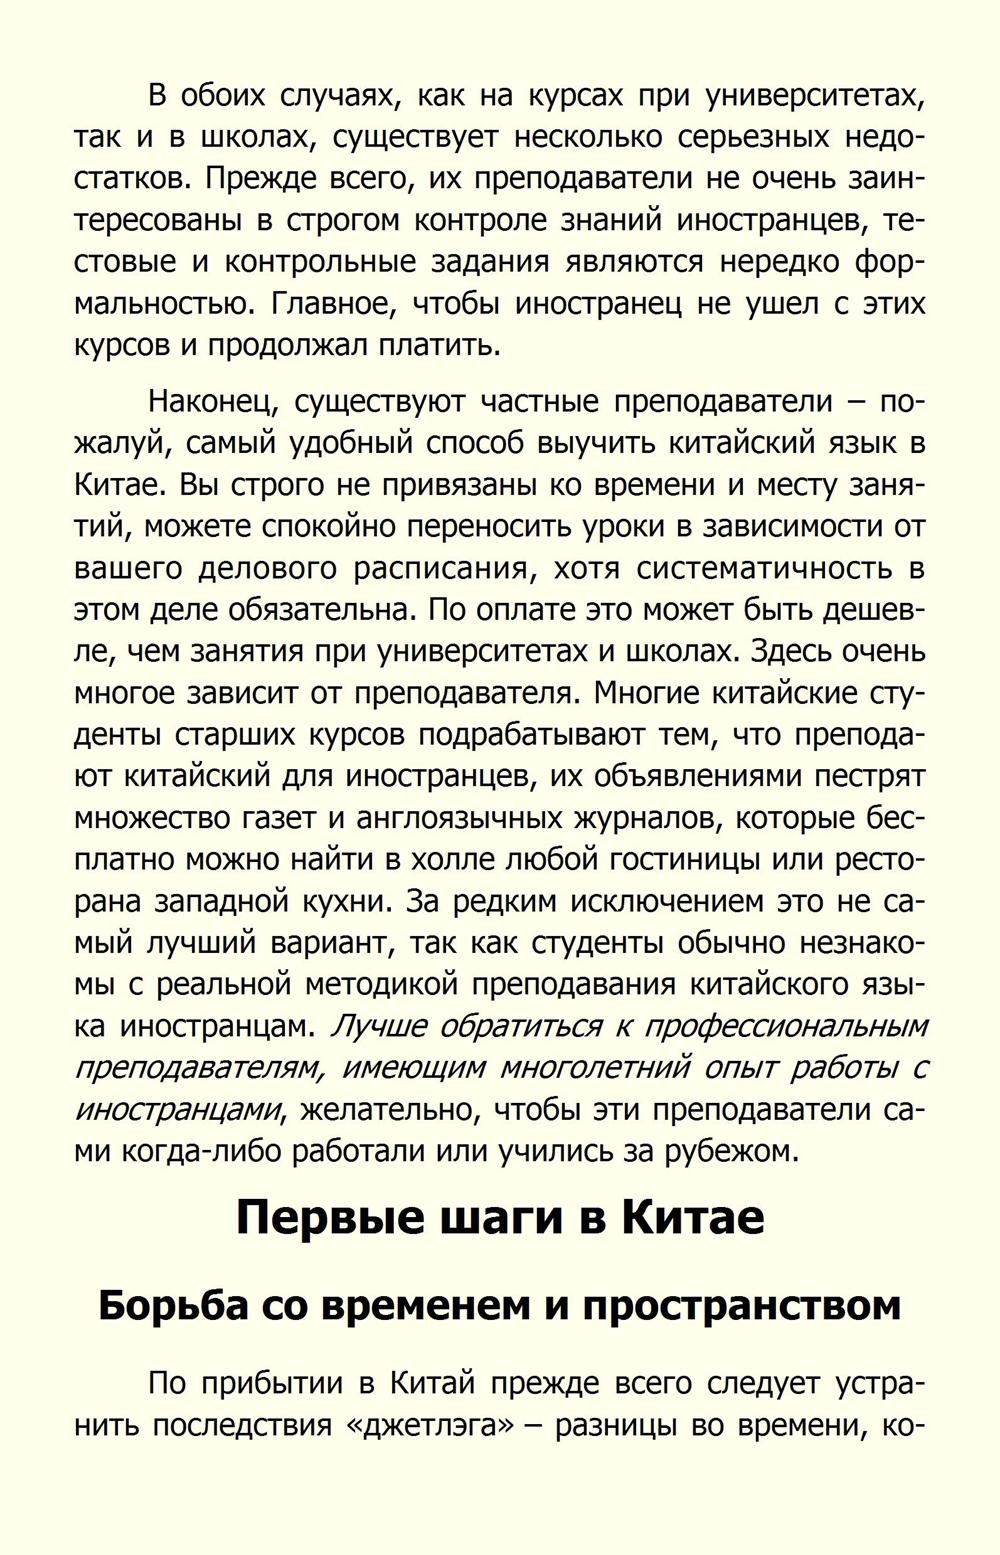 http://ipic.su/img/img7/fs/Maslov-Kitajbezvranya_106.1580730642.jpg